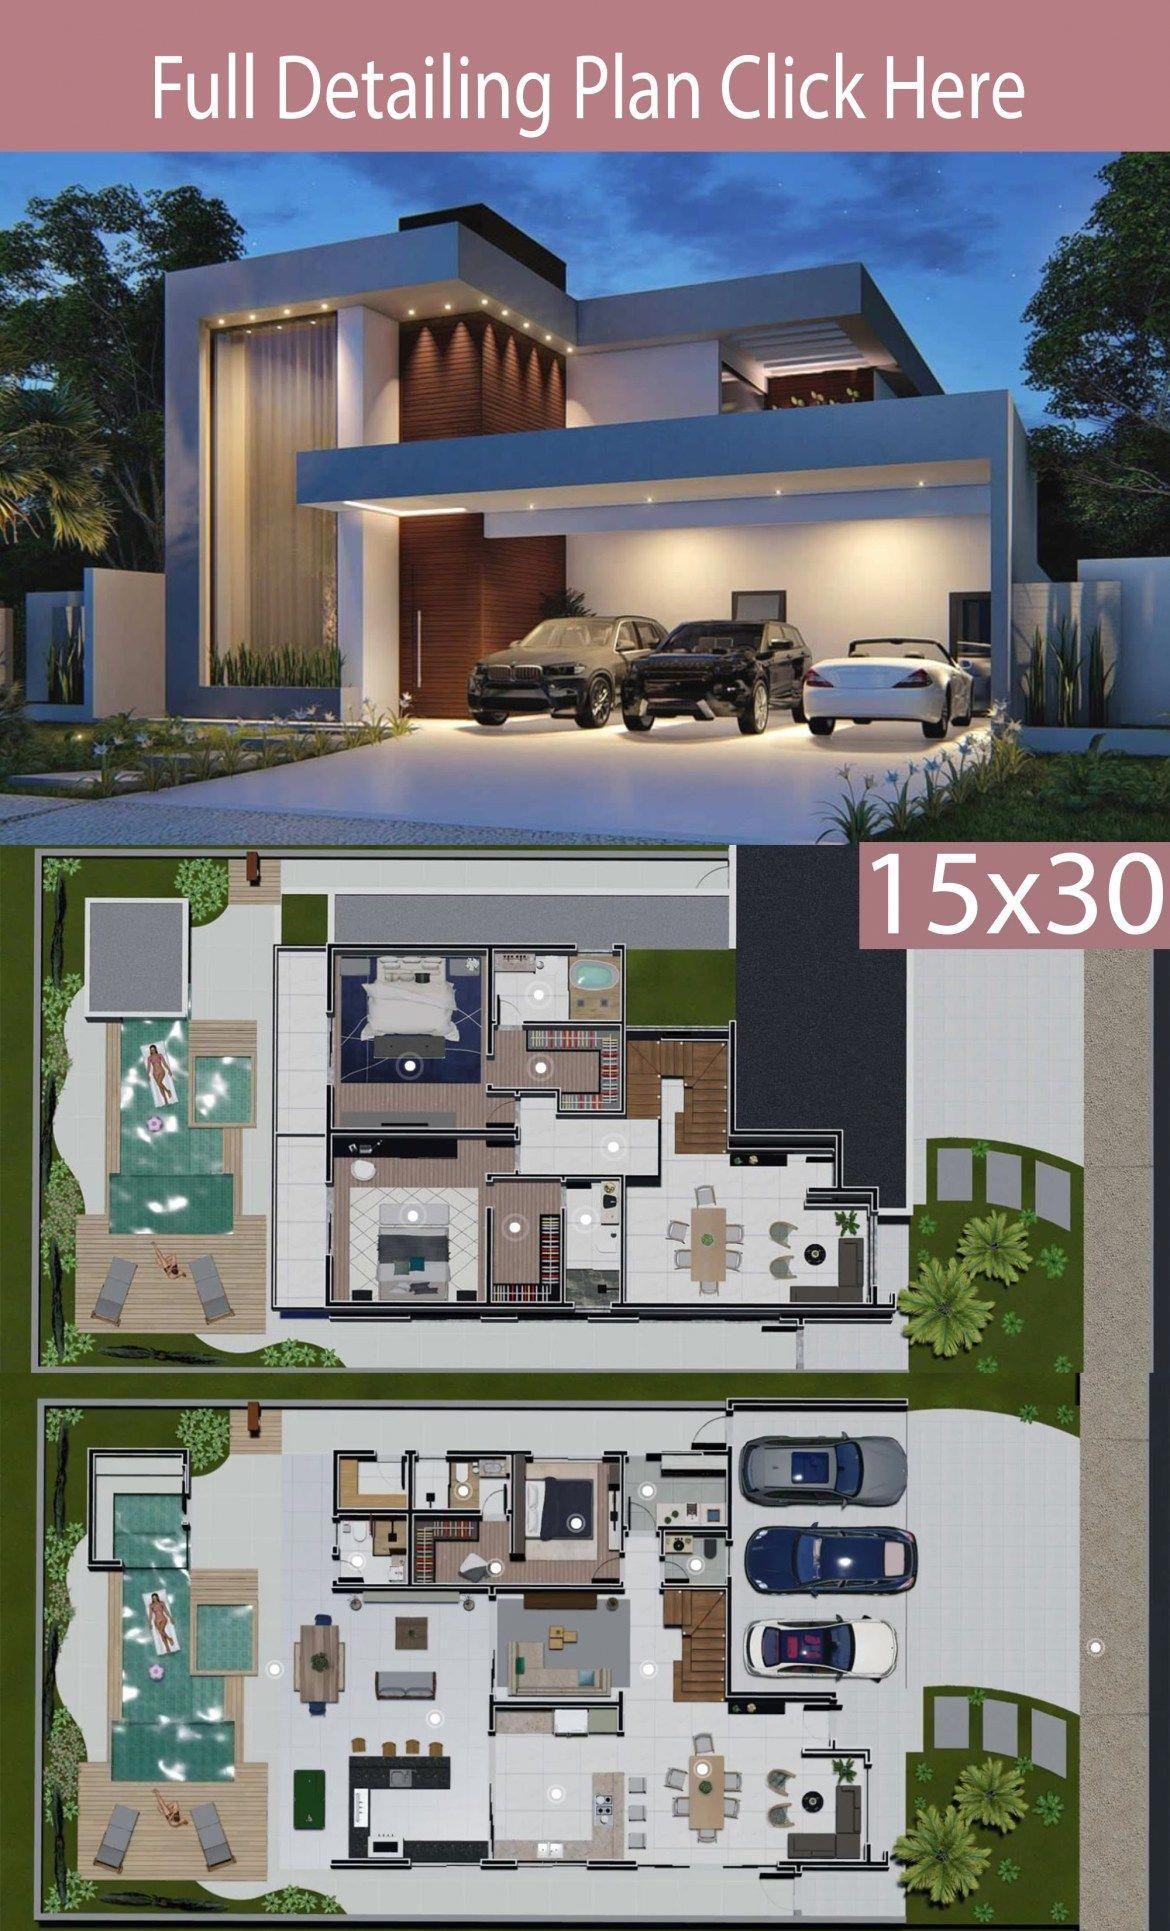 Modern Home Design App Modernhomedesign Architectural House Plans Home Design Floor Plans Modern House Floor Plans